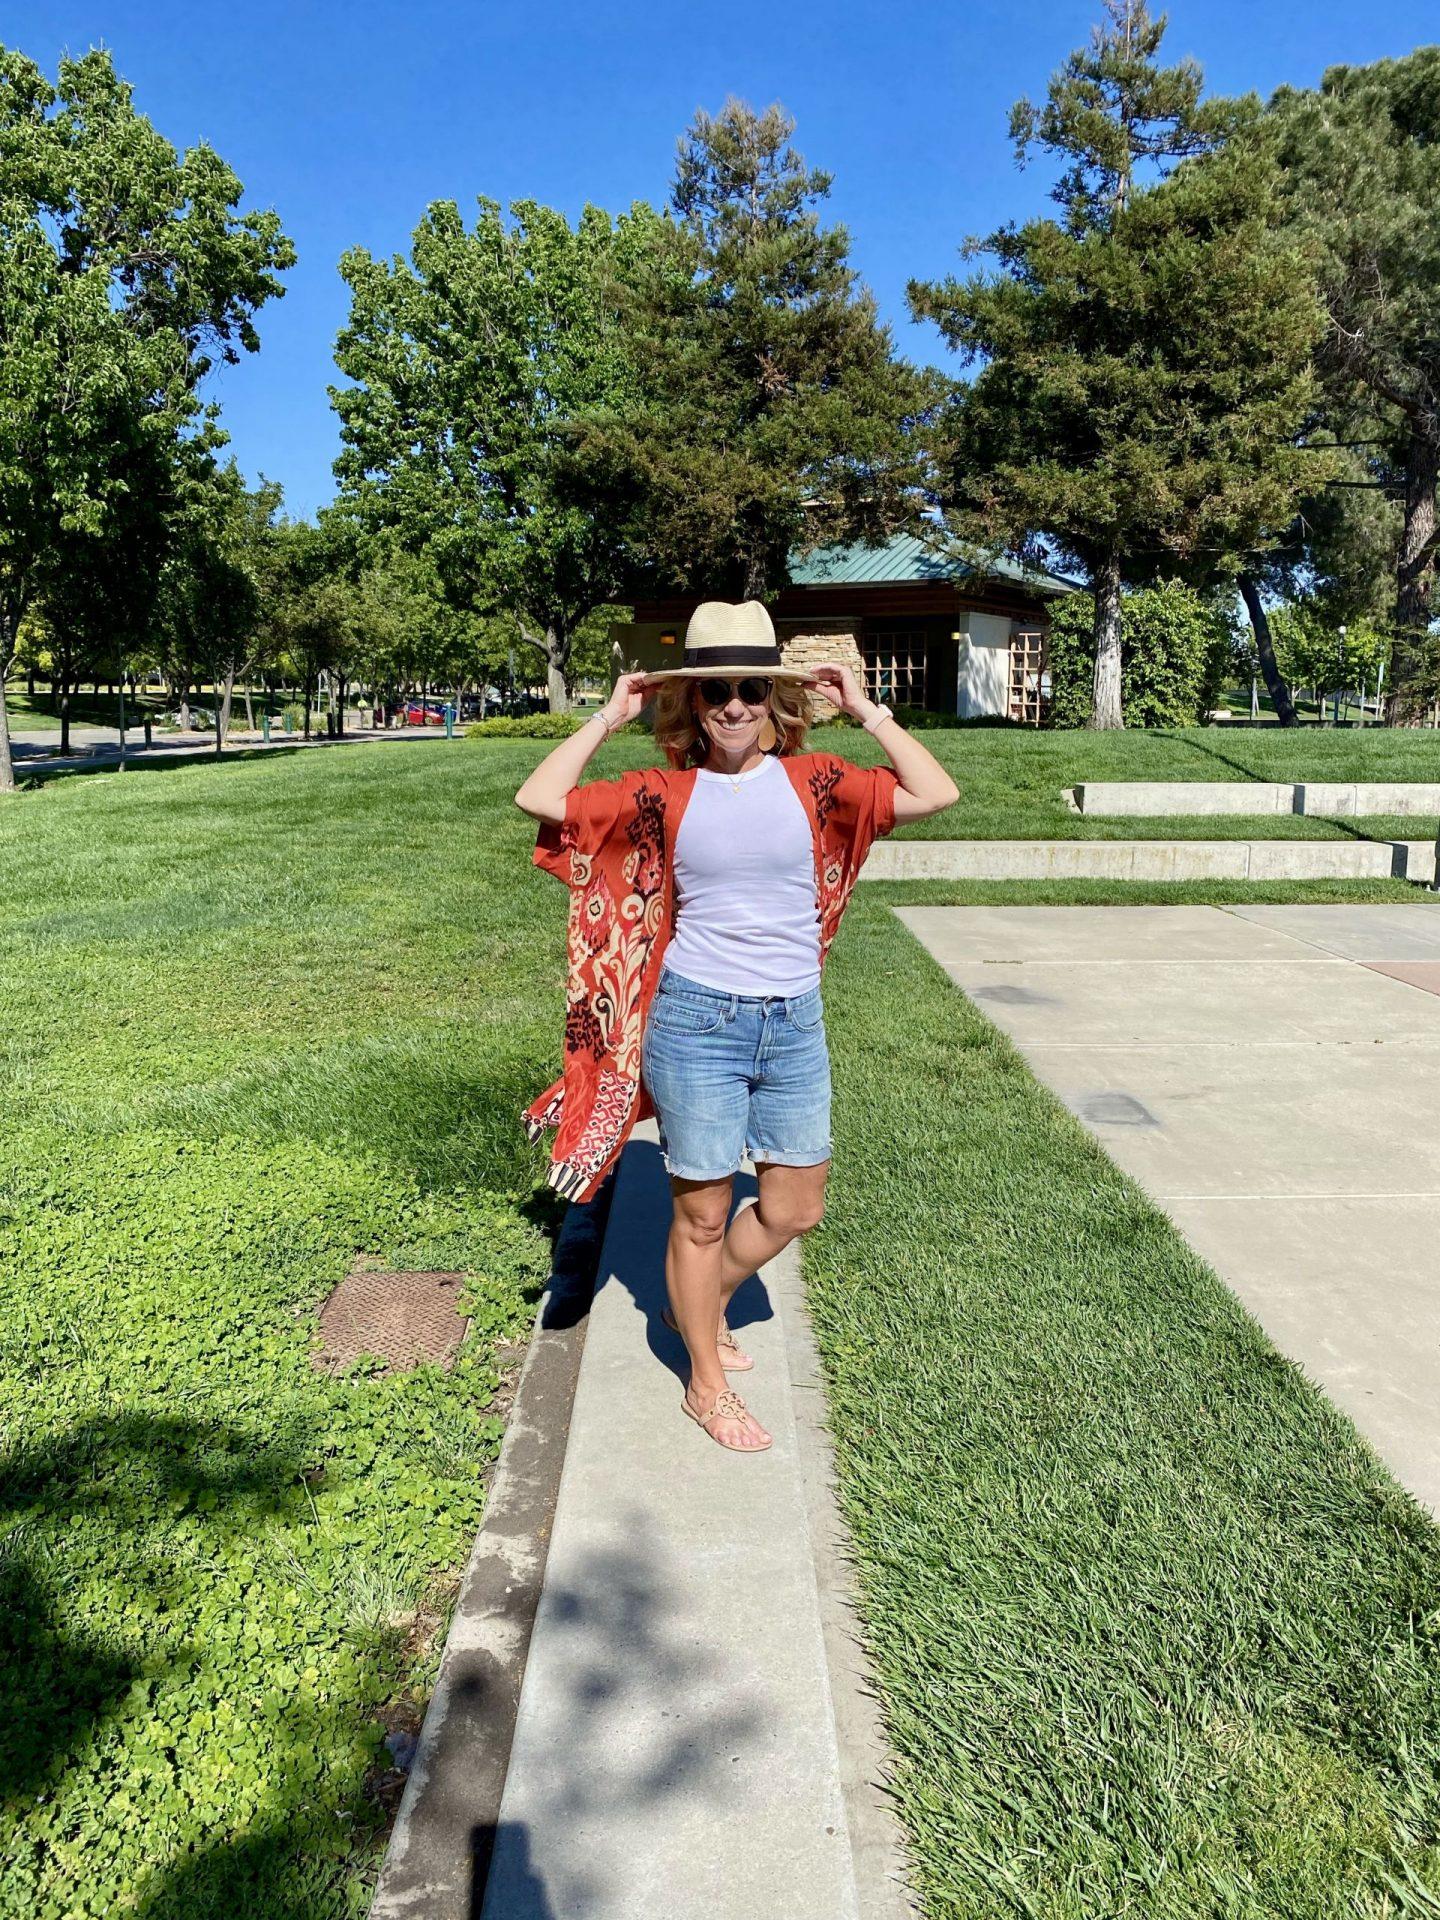 Kimono and denim shorts for Summer